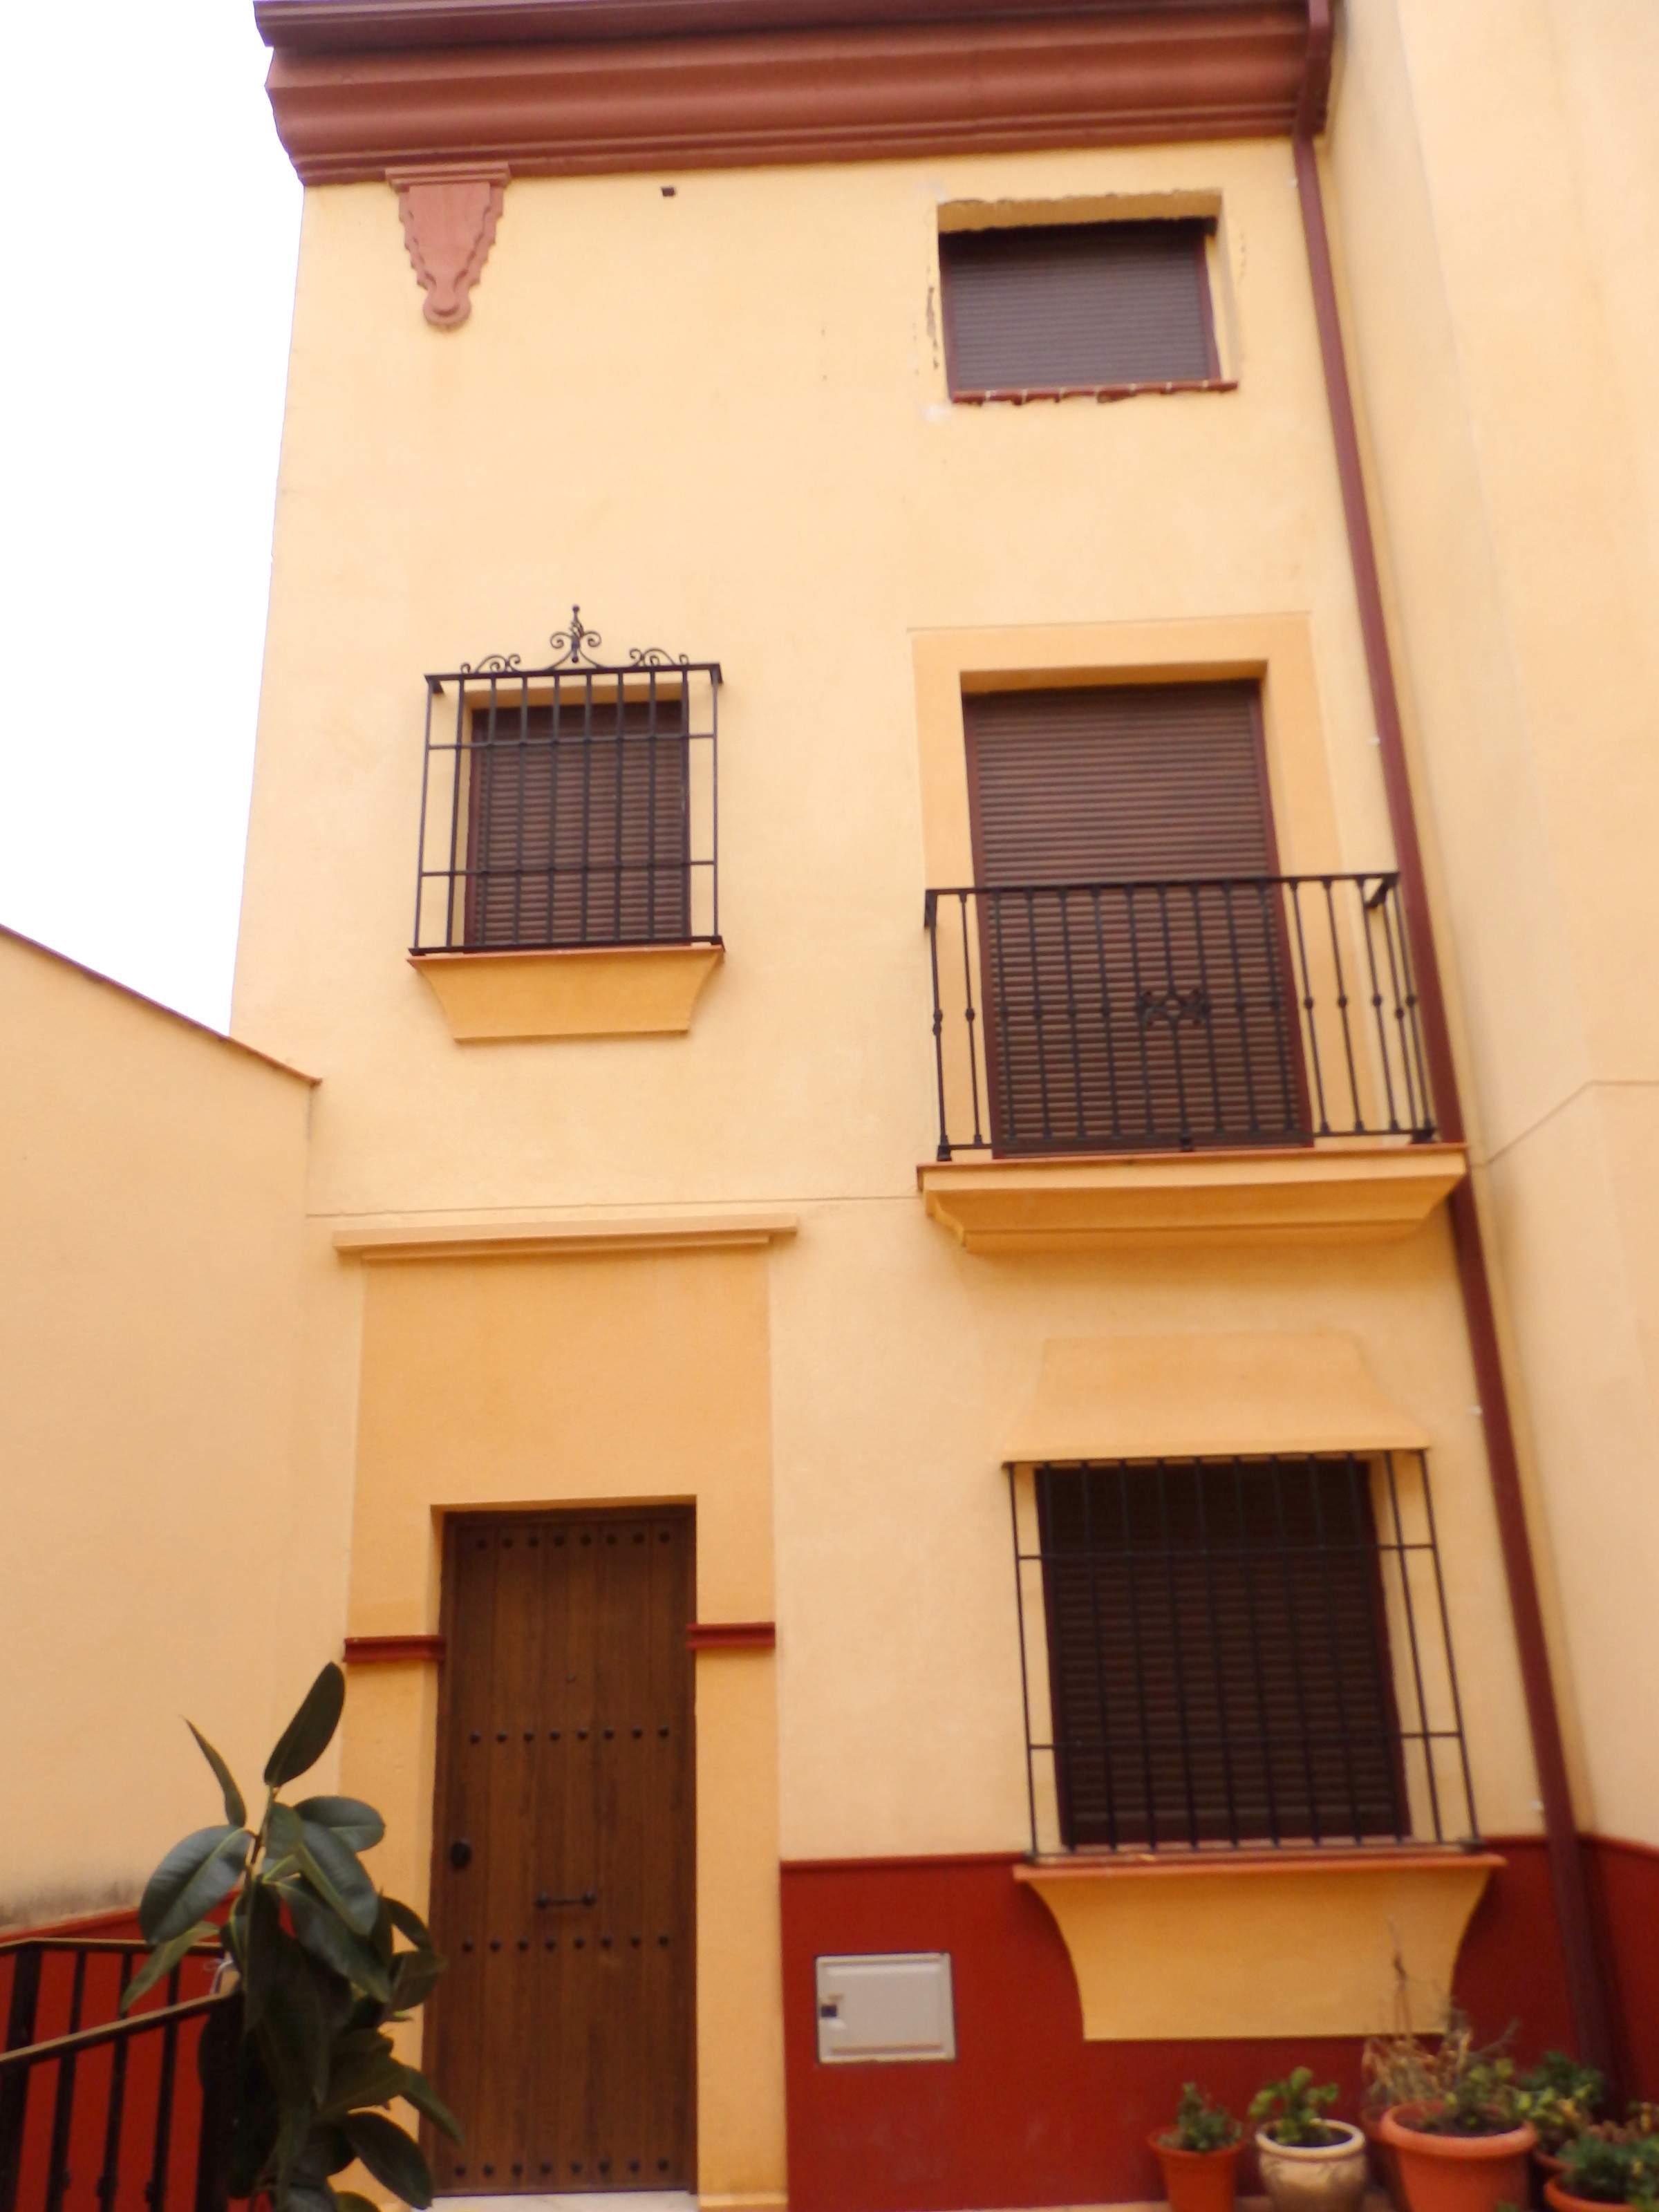 Casa en venta en Aguilar de la Frontera, Córdoba, Calle Caminos de la Cuadrillas, 41.900 €, 2 habitaciones, 2 baños, 87 m2